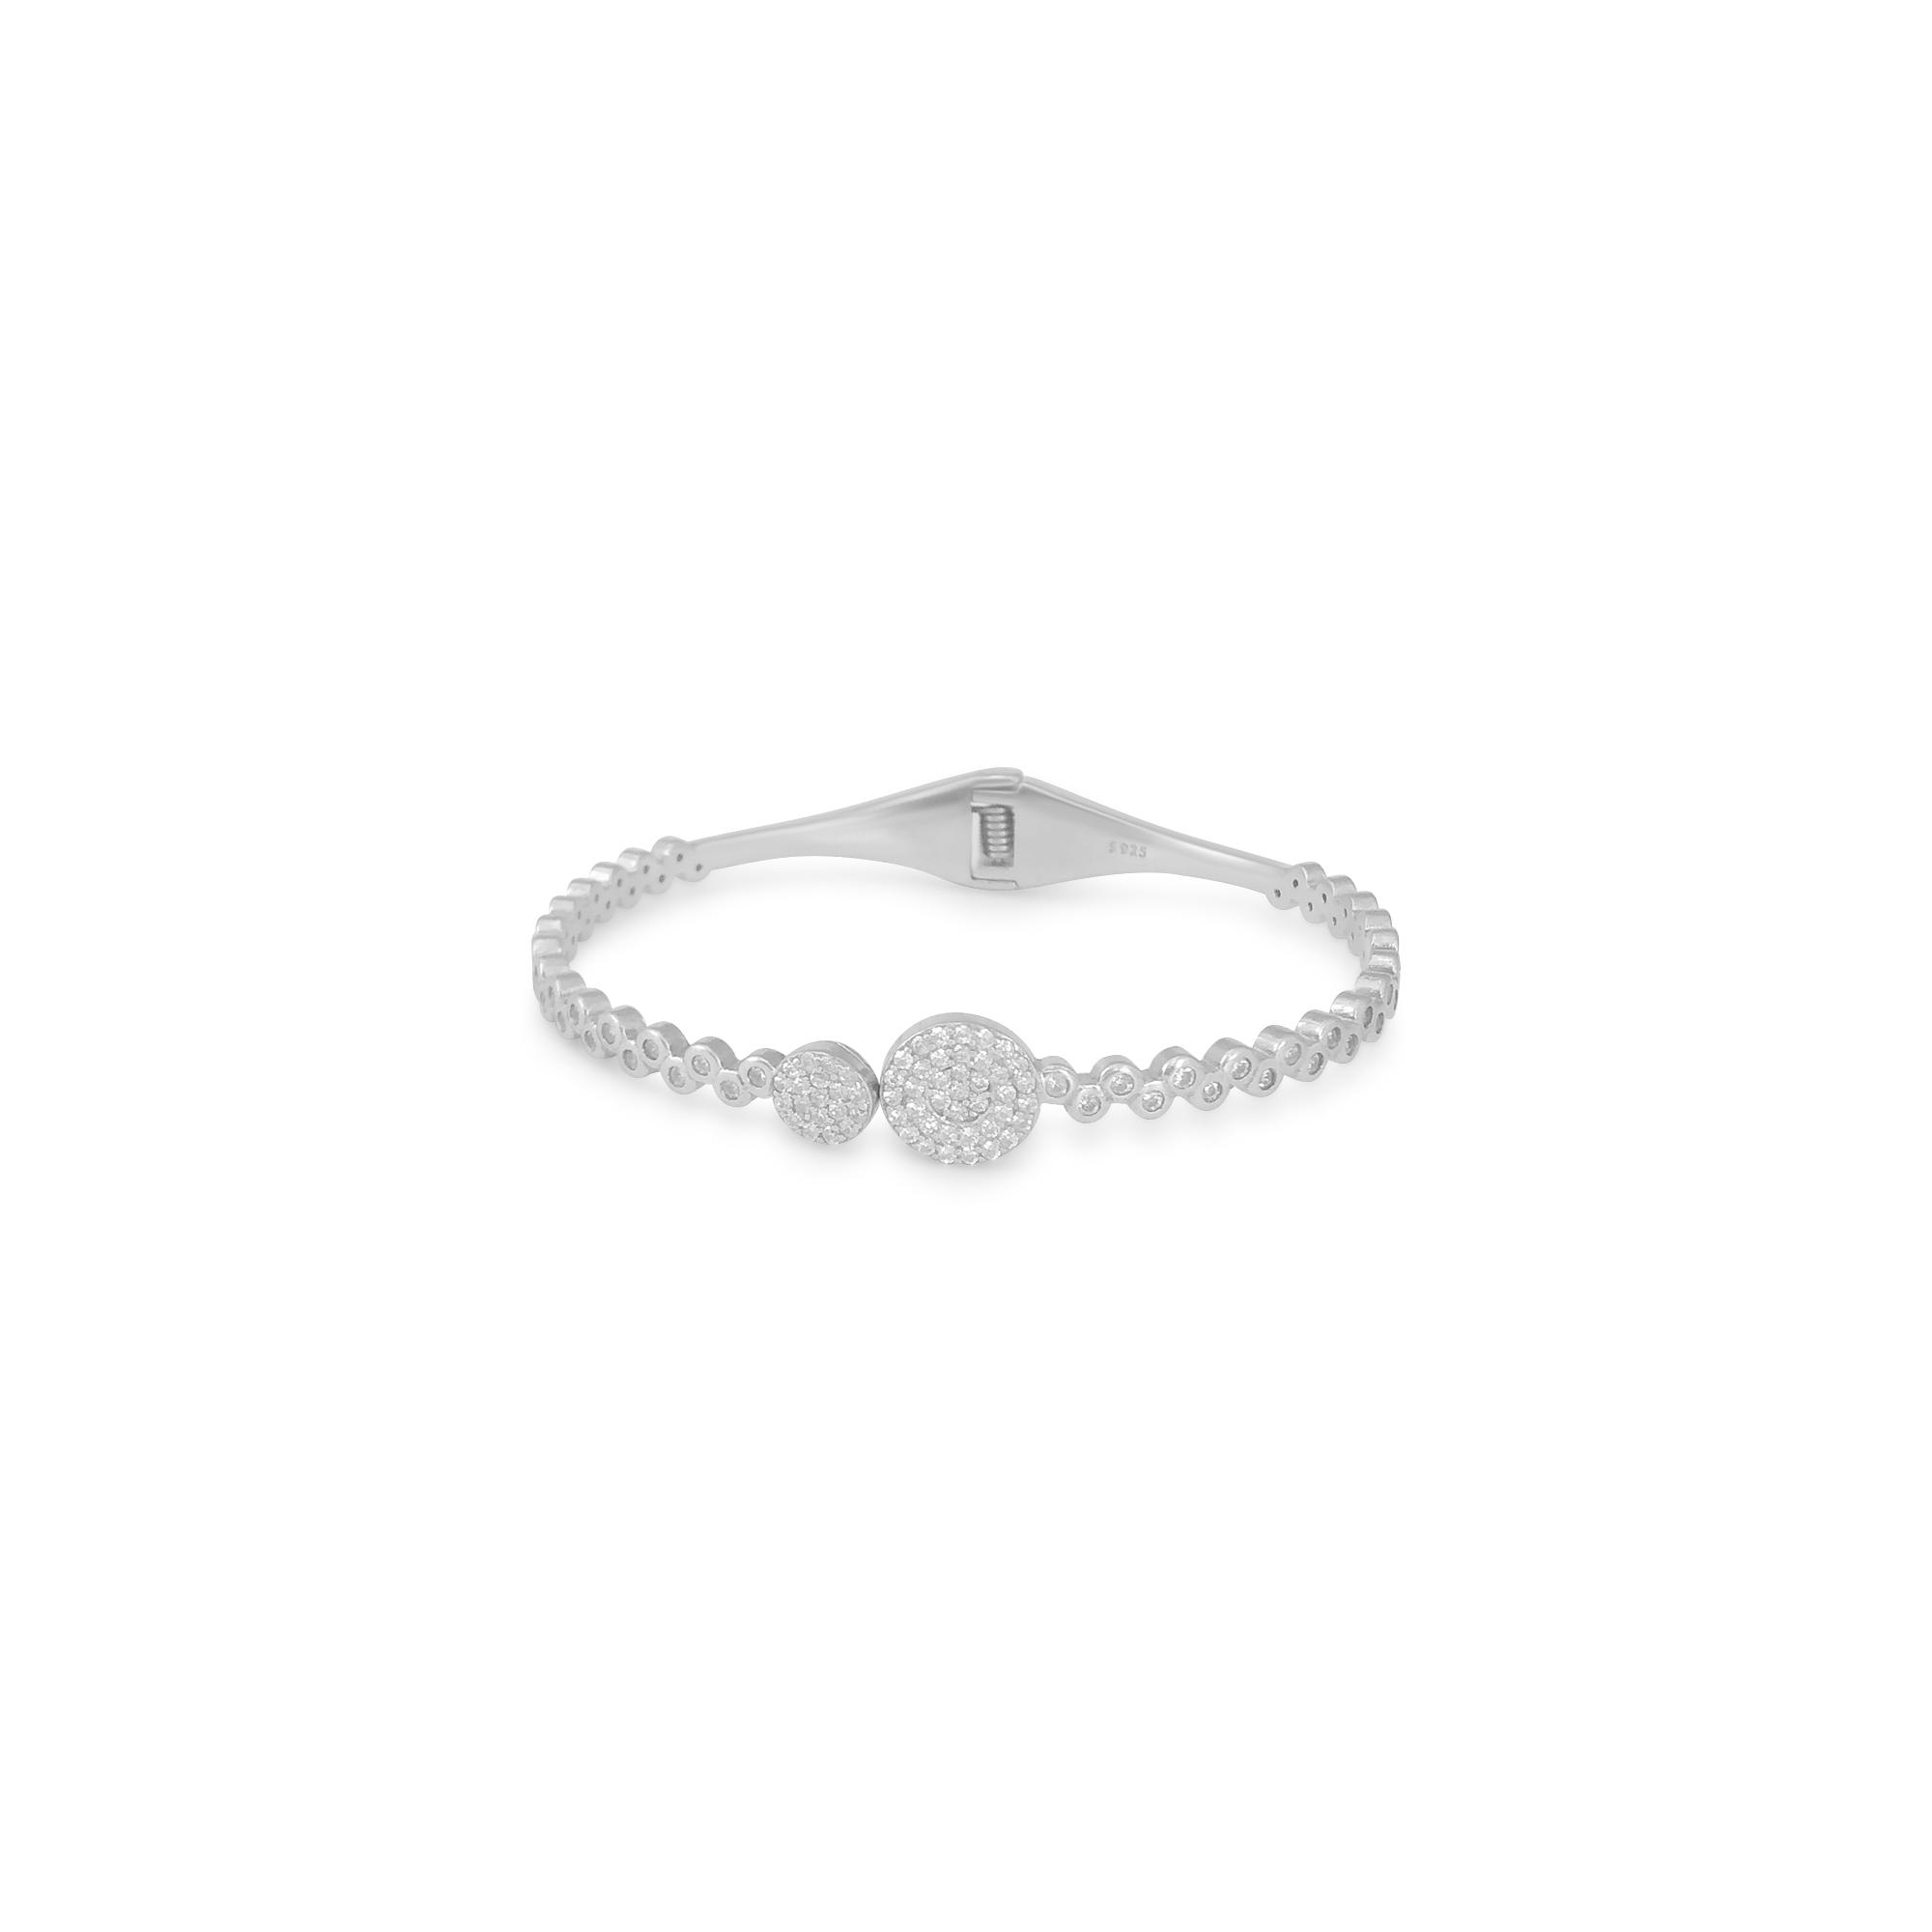 Bling String Bracelet Online